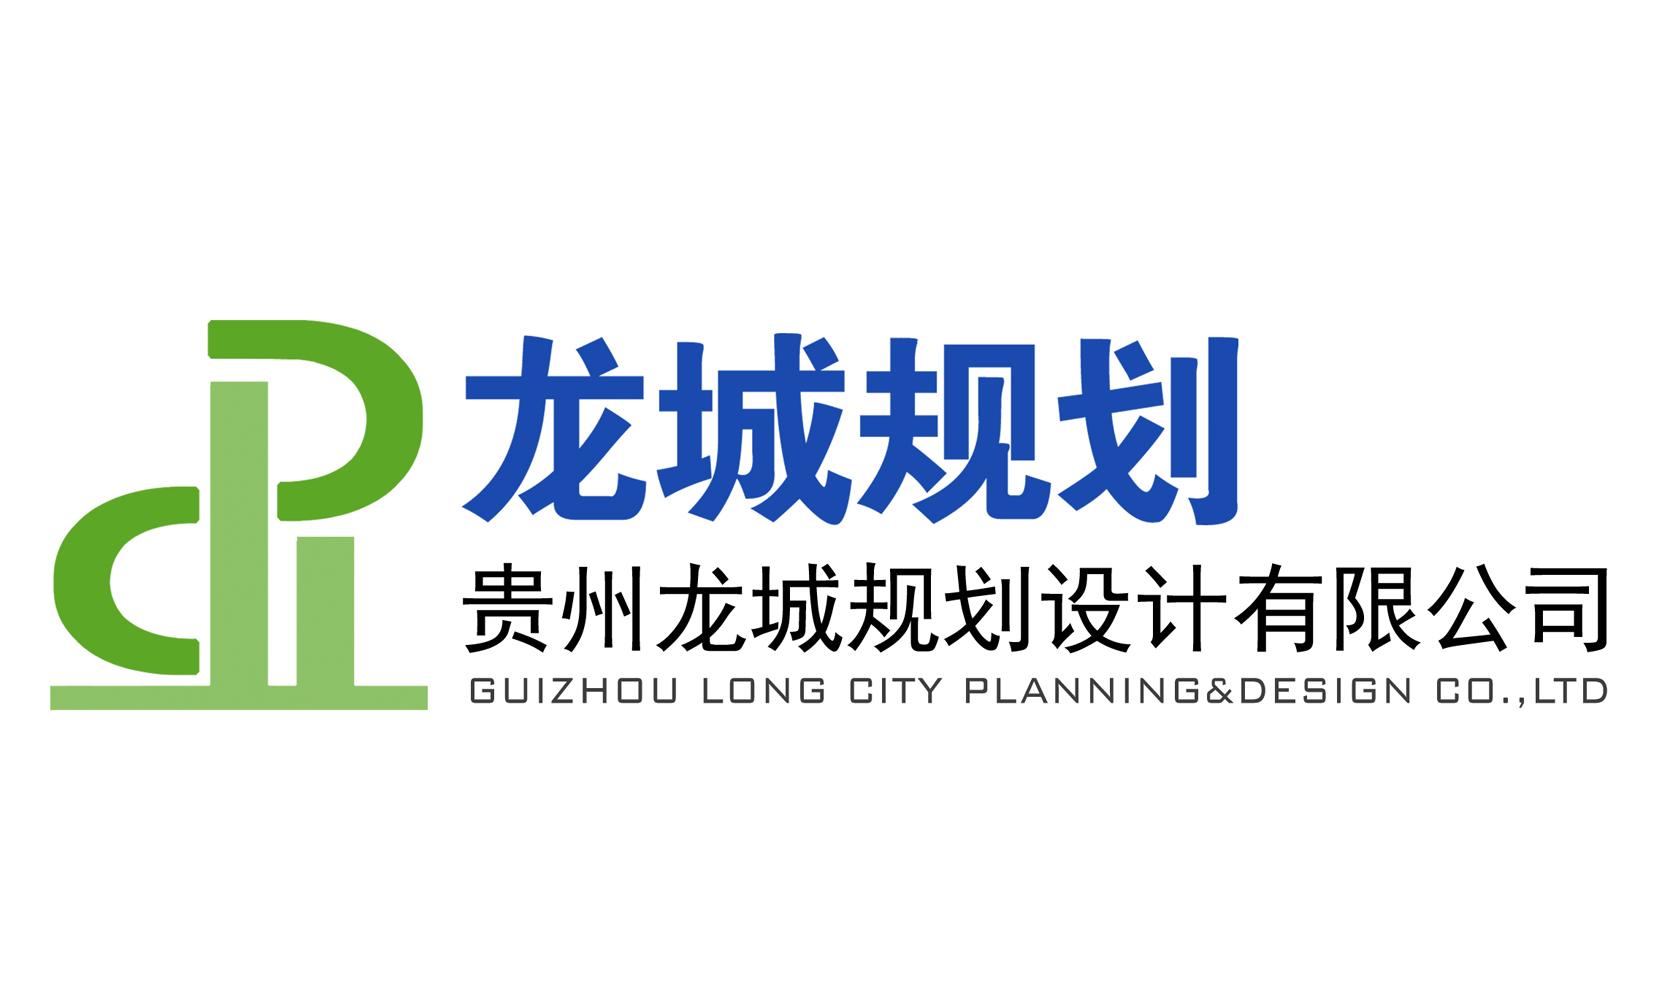 贵州龙城规划设计有限公司